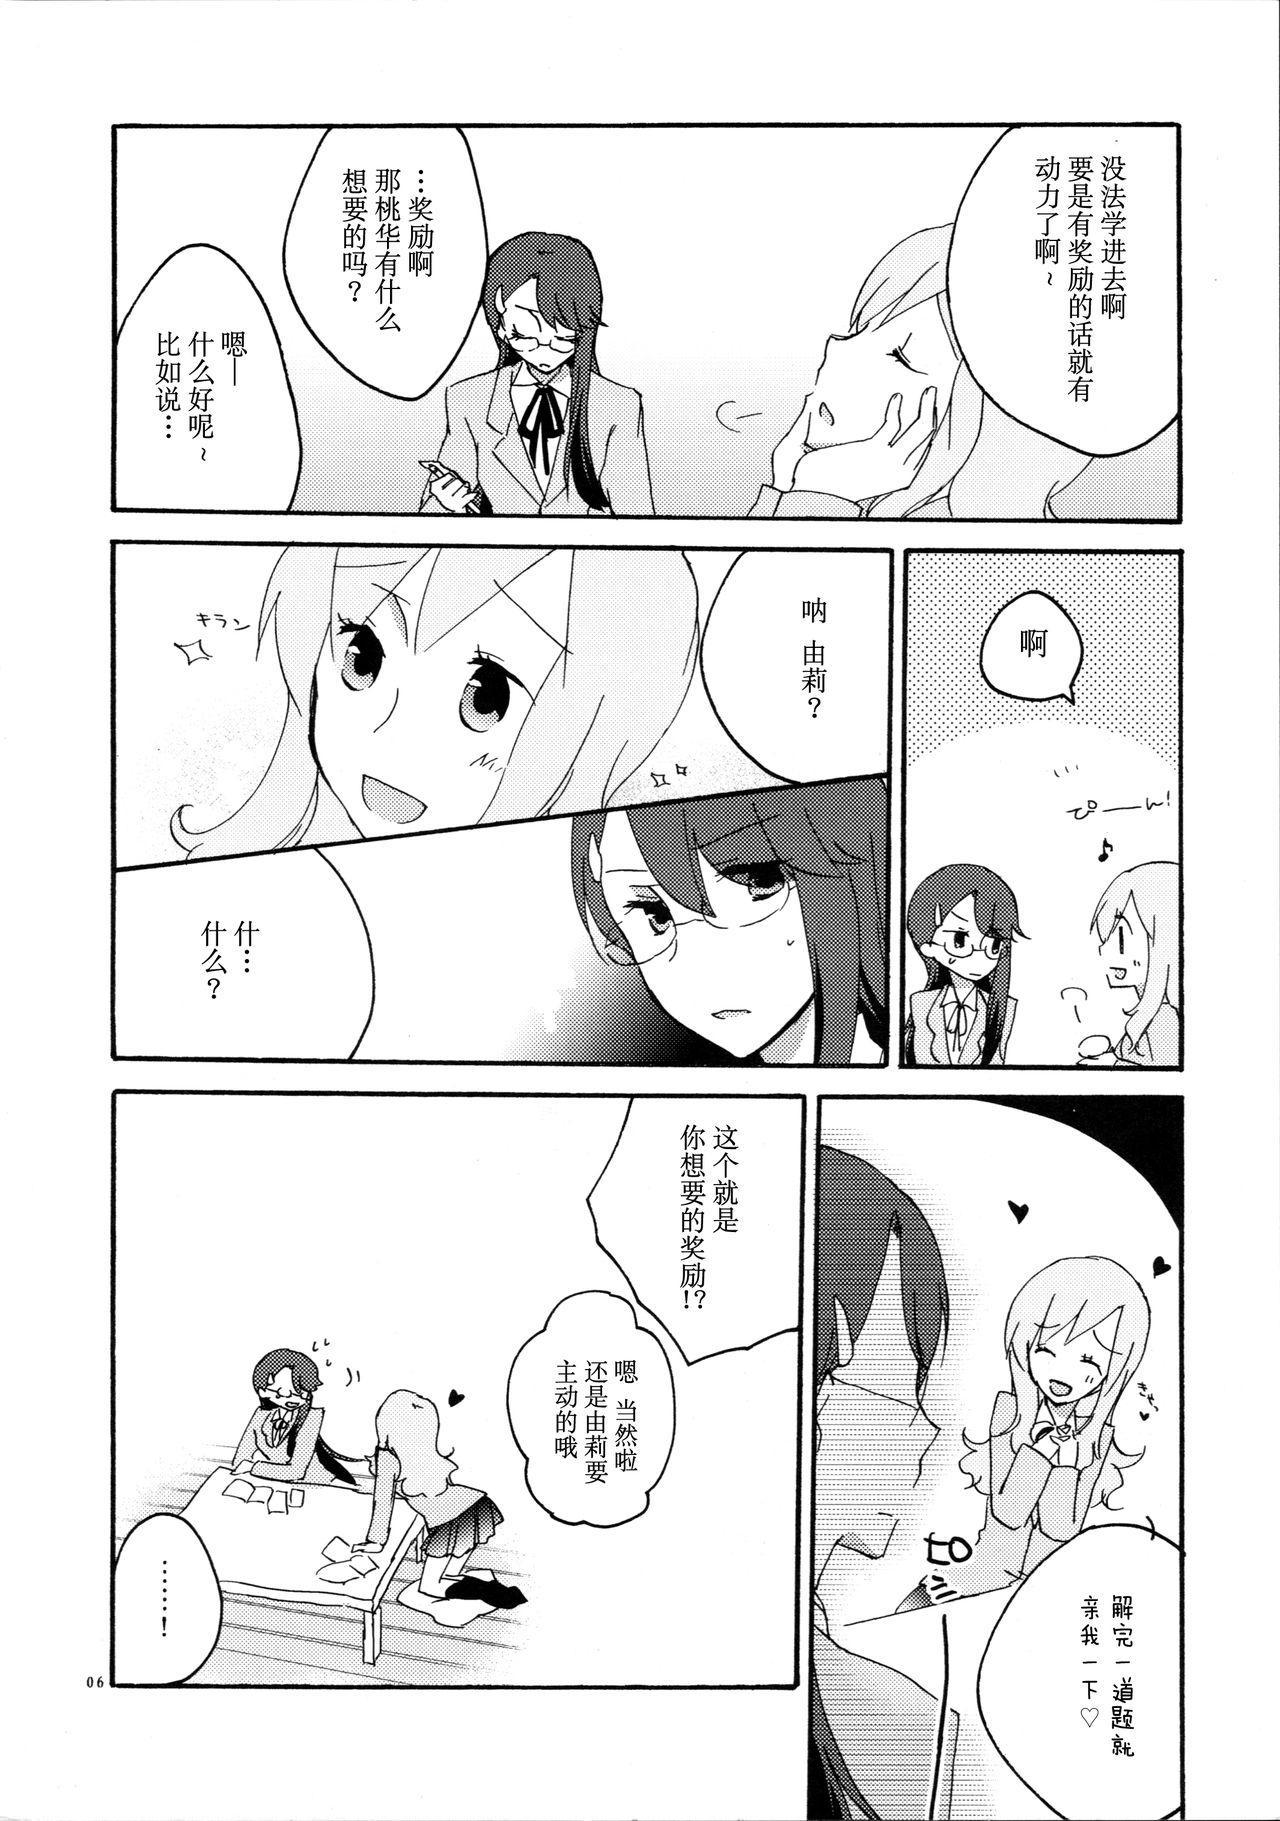 Yuri to Issho ni Obenkyou. 6